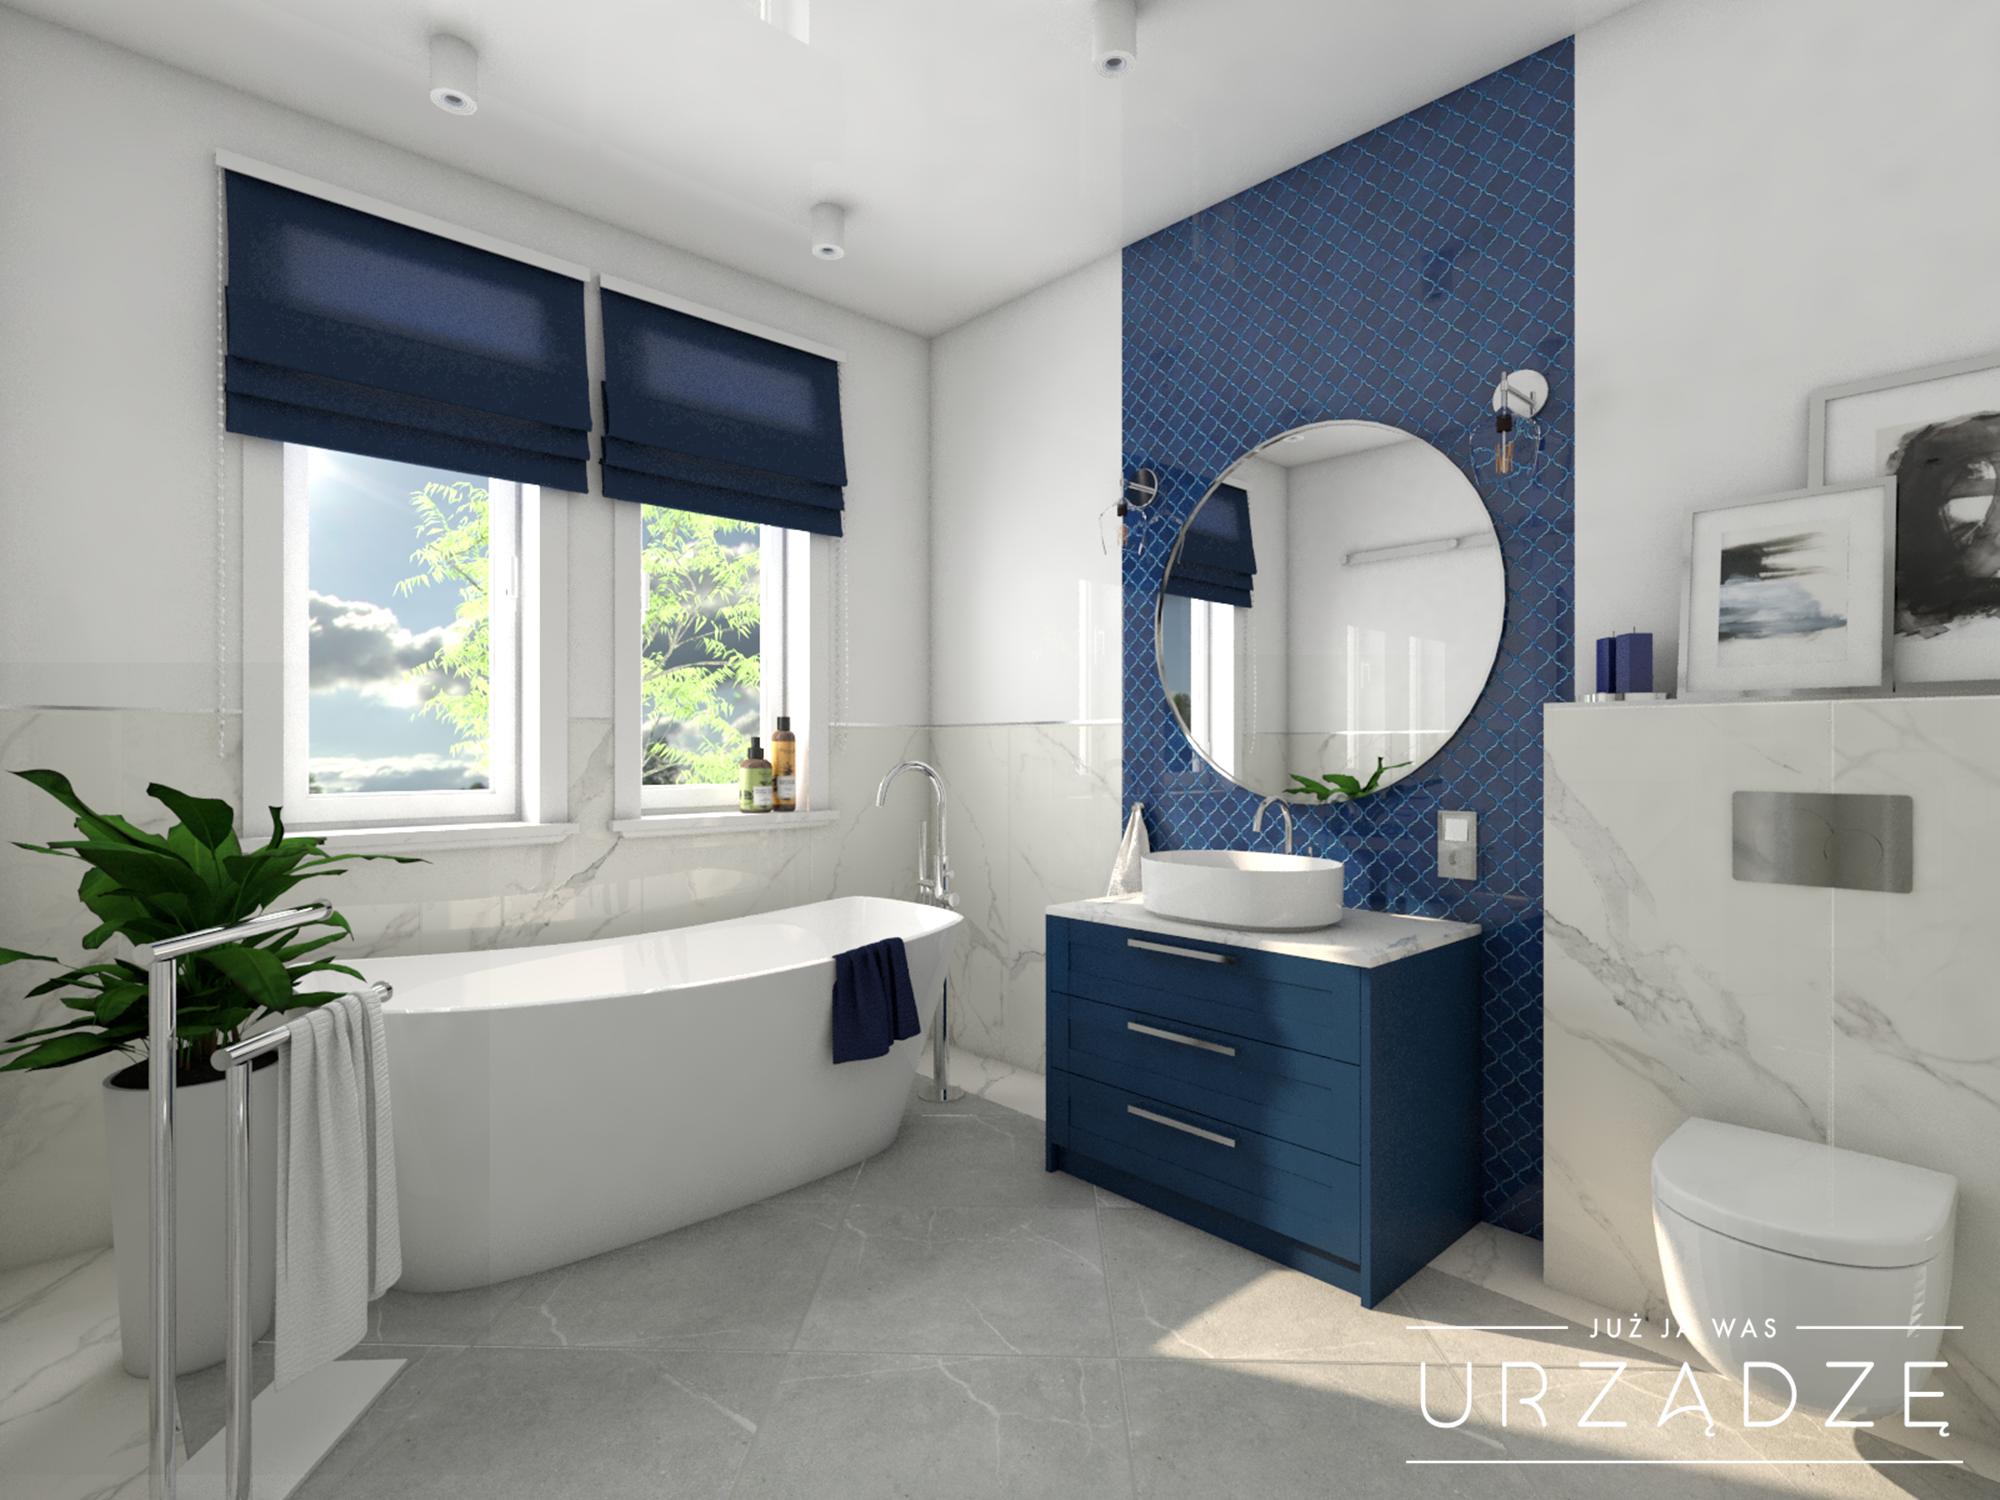 Dom w stylu klasycznym z niebieskimi akcentami